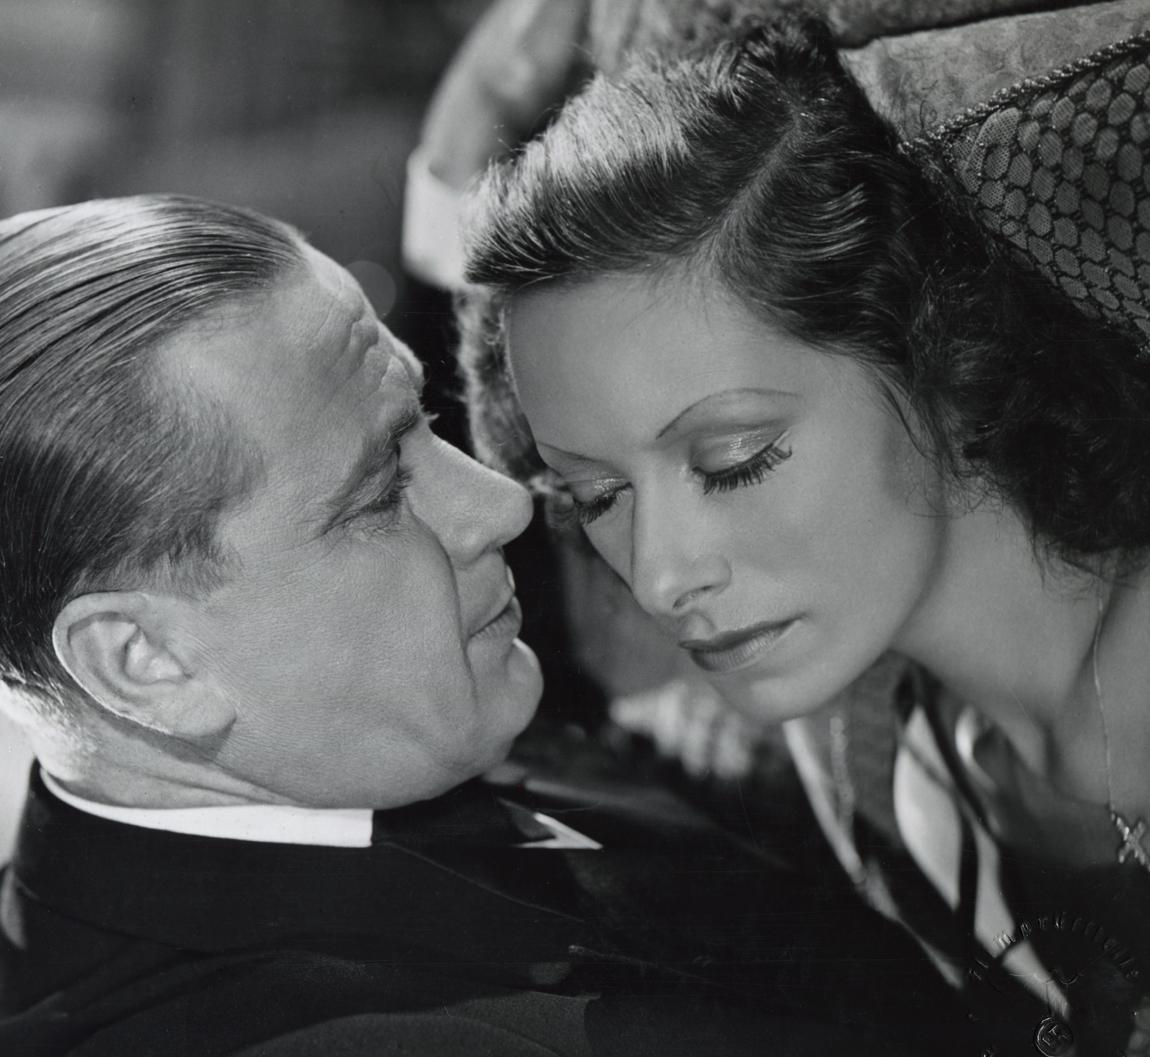 Karl Ludwig Diehl and Lili Muráti in Was geschah in dieser Nacht (1941)